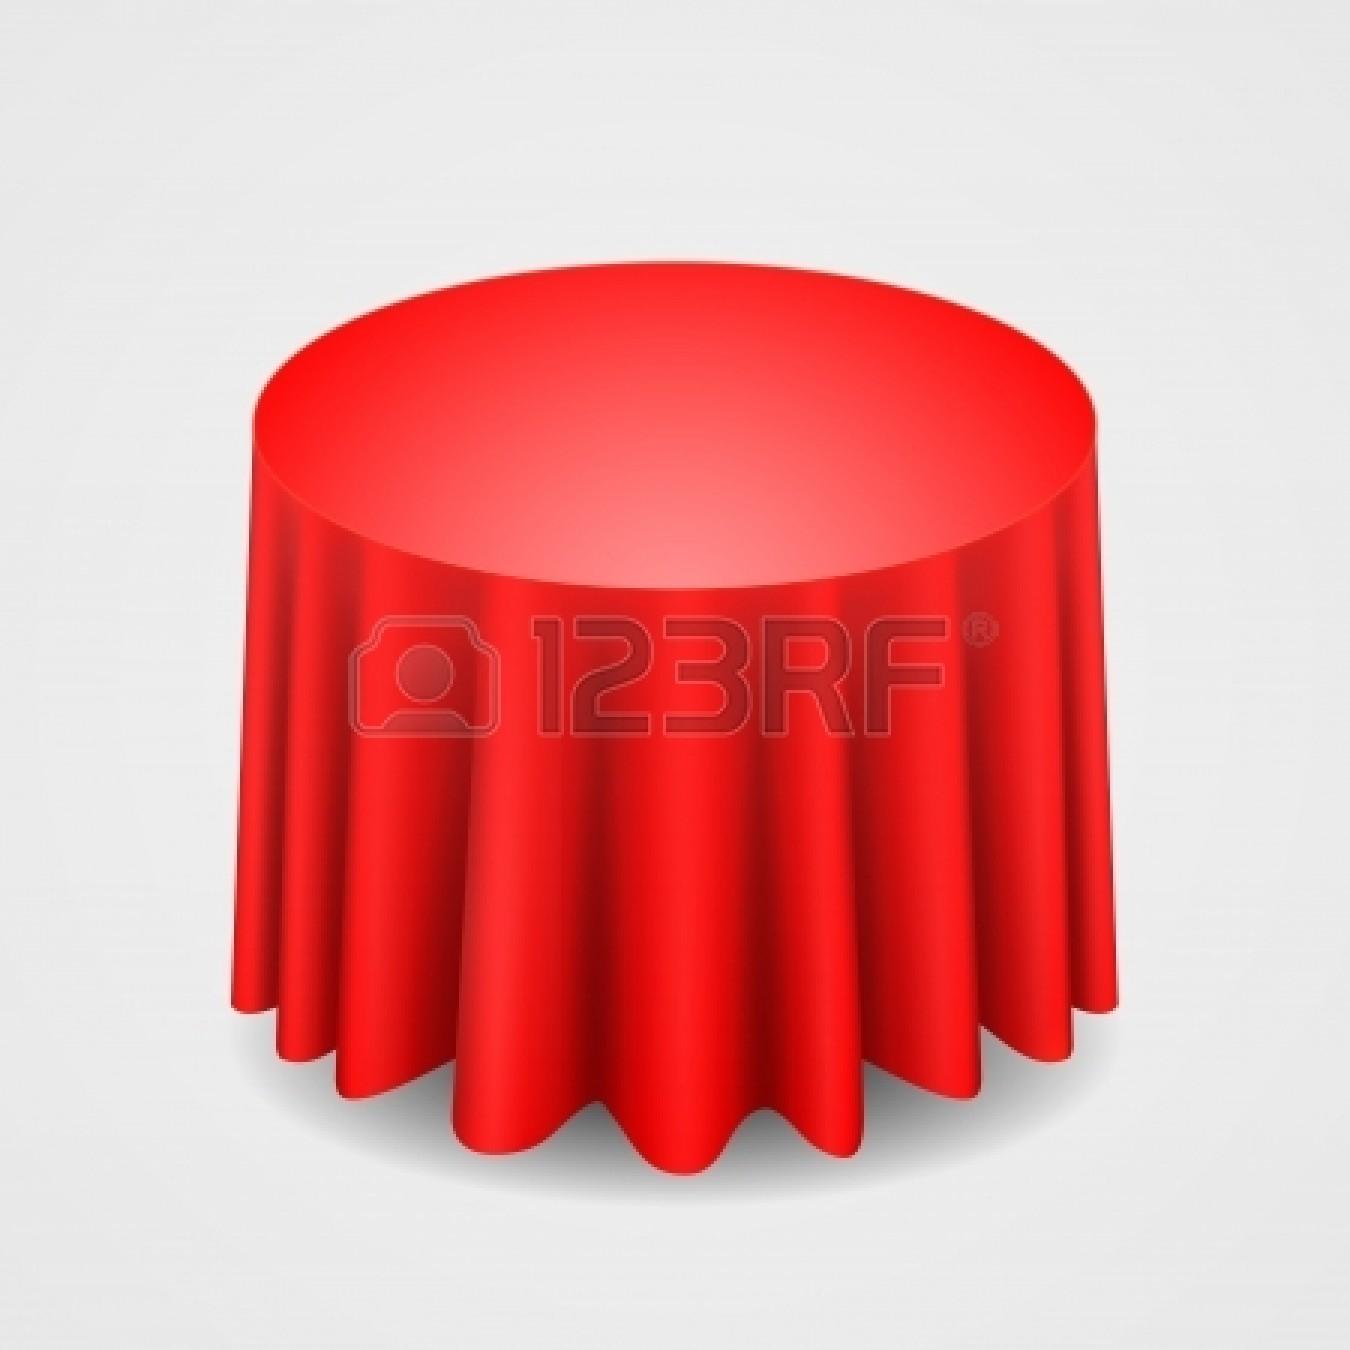 picnic tablecloth clipart clipart panda free clipart images rh clipartpanda com Banquet Table Clip Art Table Setting Clip Art